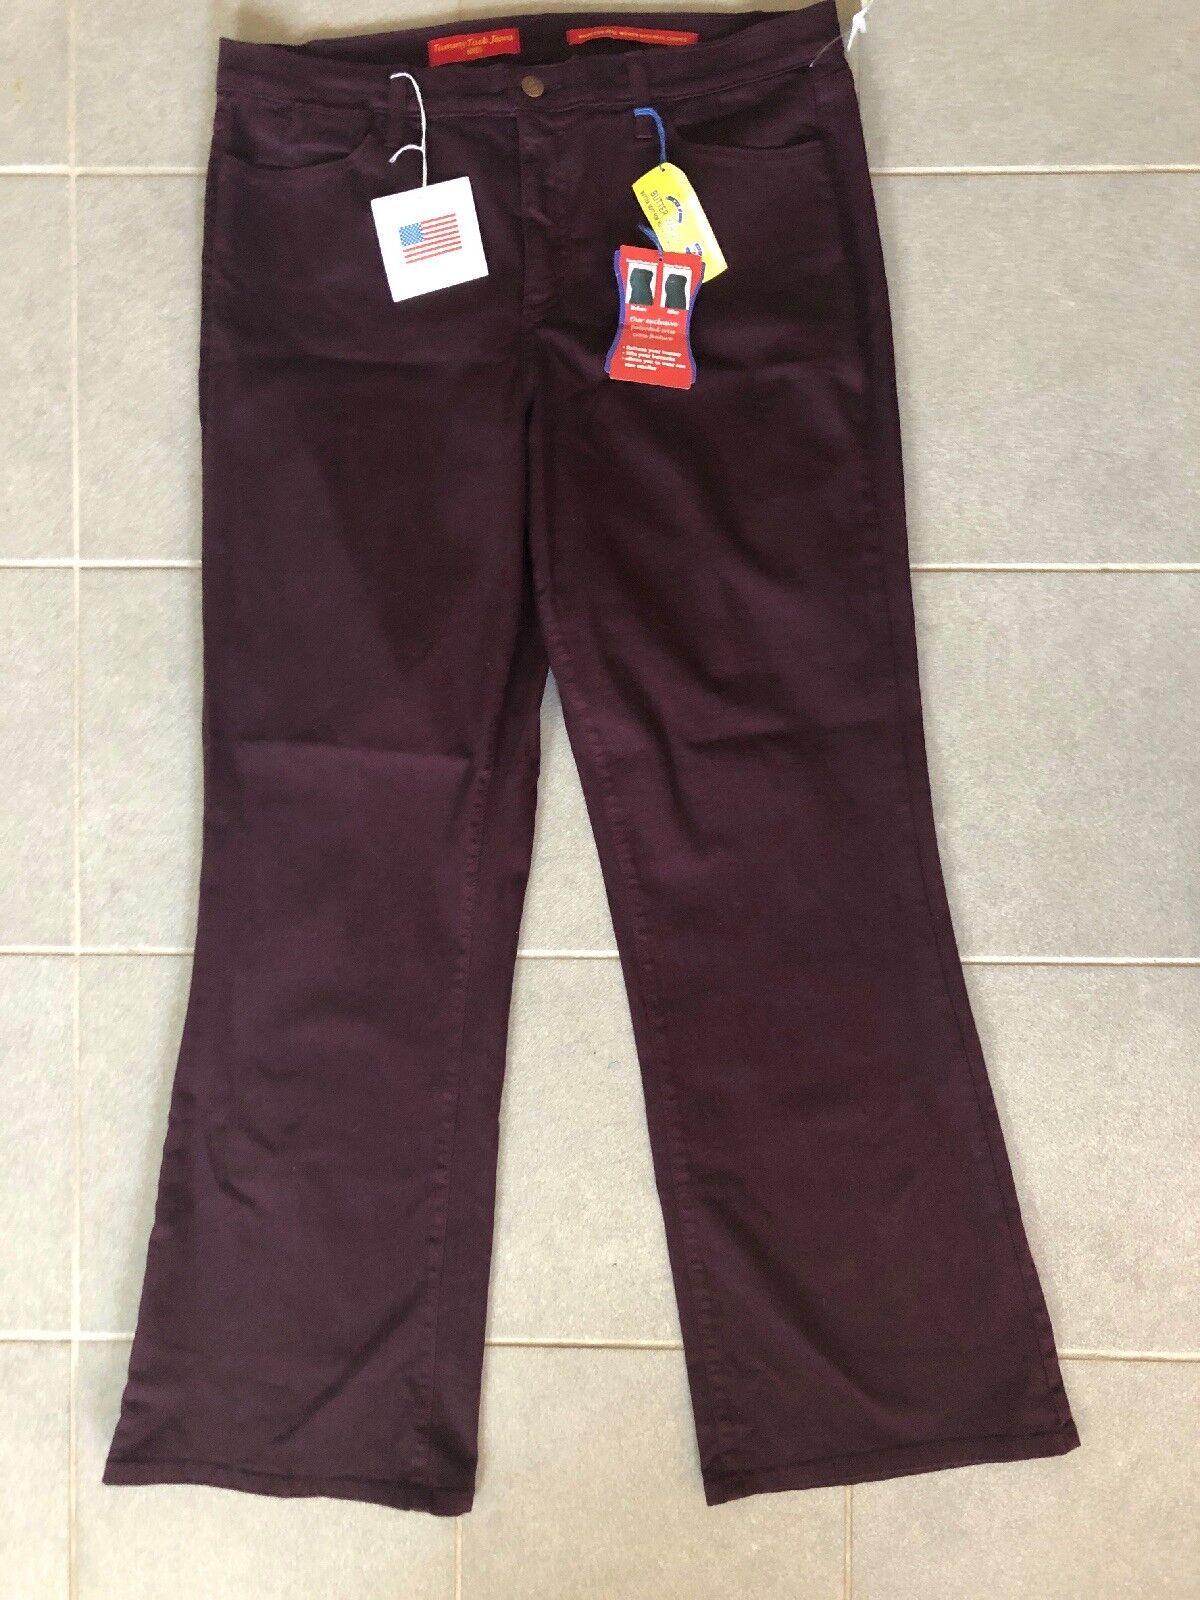 New Womens NYDJ Wine colord Denim Jeans Sz 16w Inseam 32.